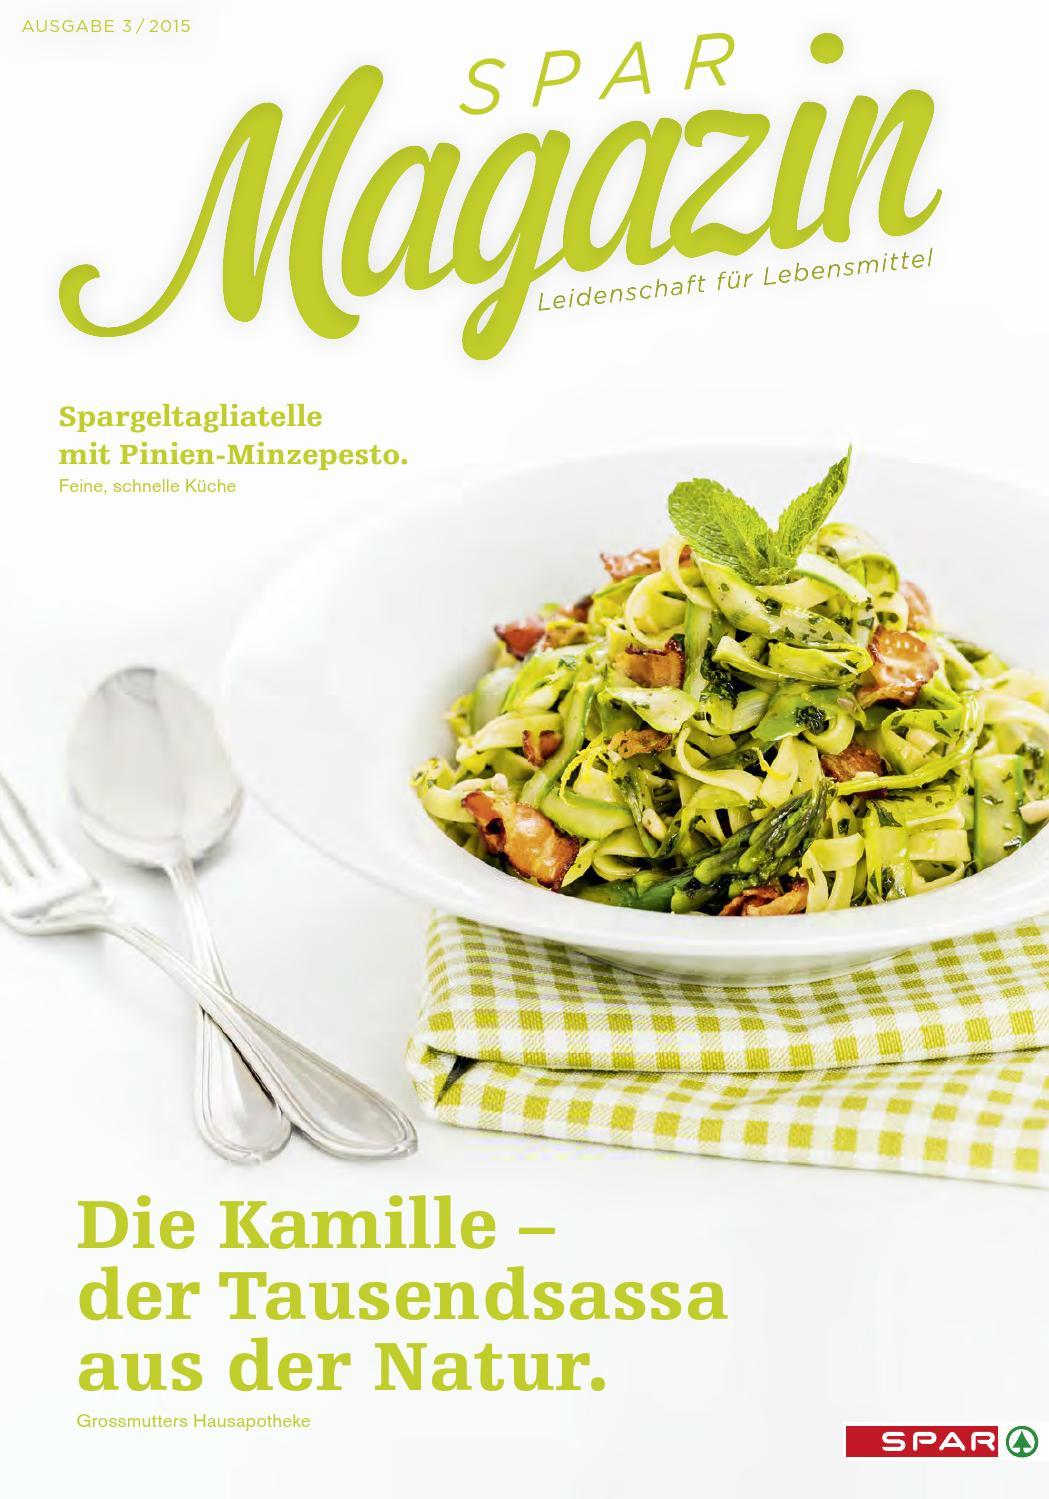 Fein Schnelle Küche Warm Bilder - Die Schlafzimmerideen - kruloei.info